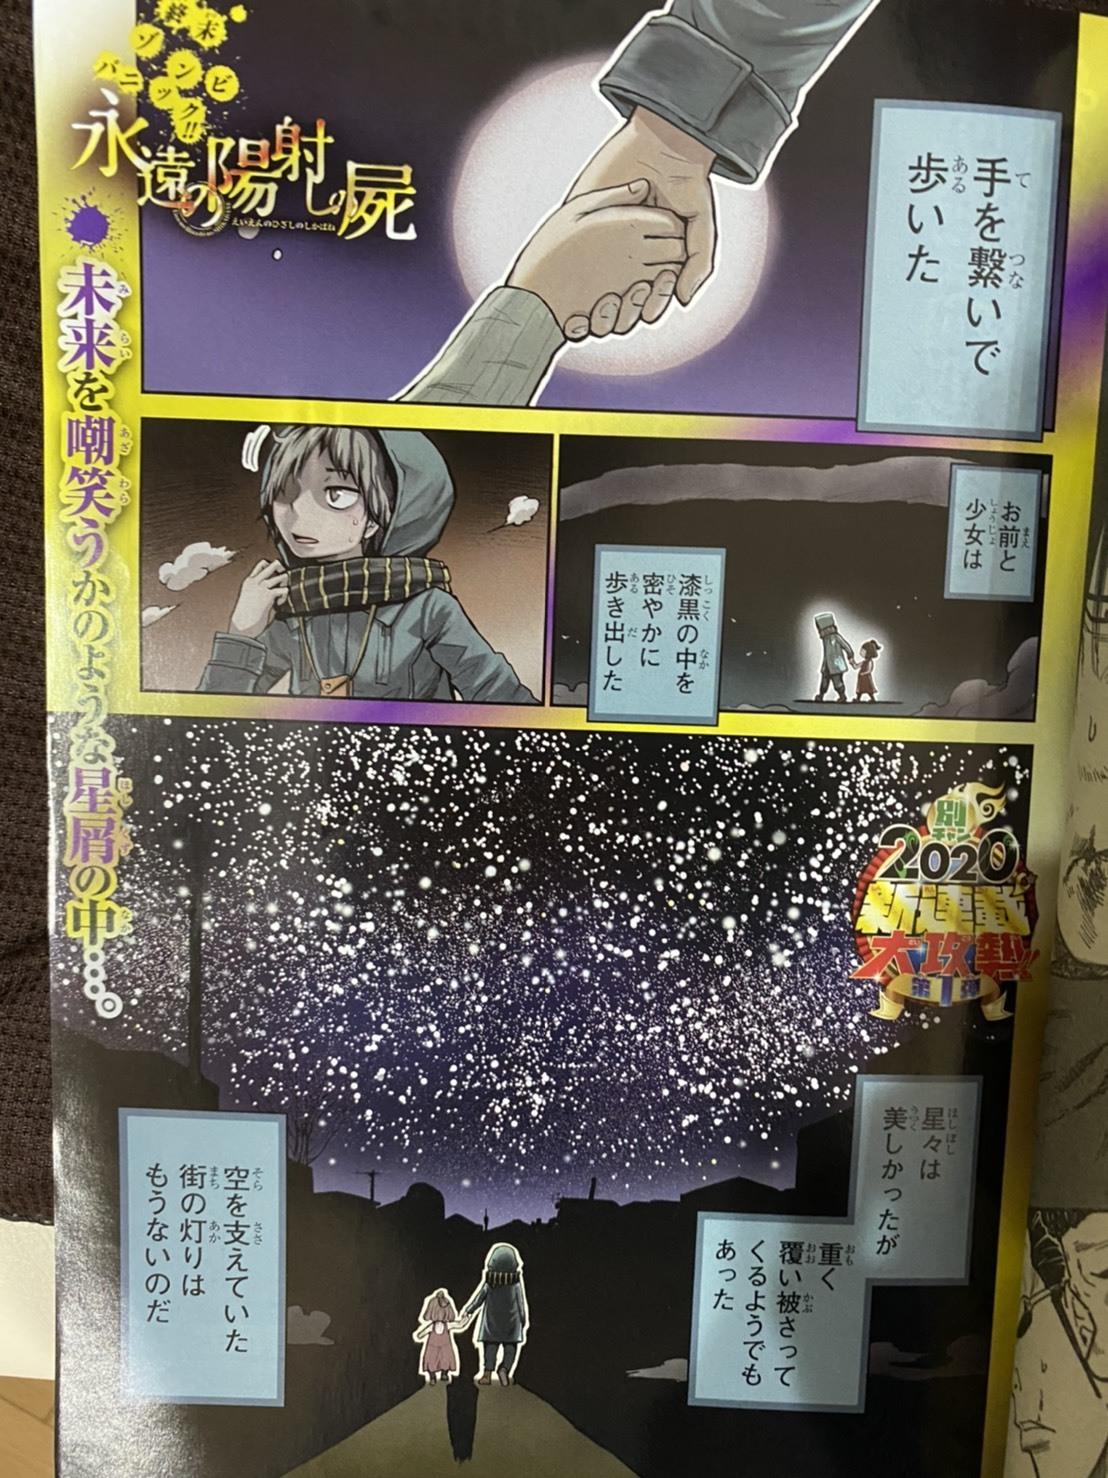 高知の漫画家 森田将文さんの新連載_a0163623_11002969.jpg